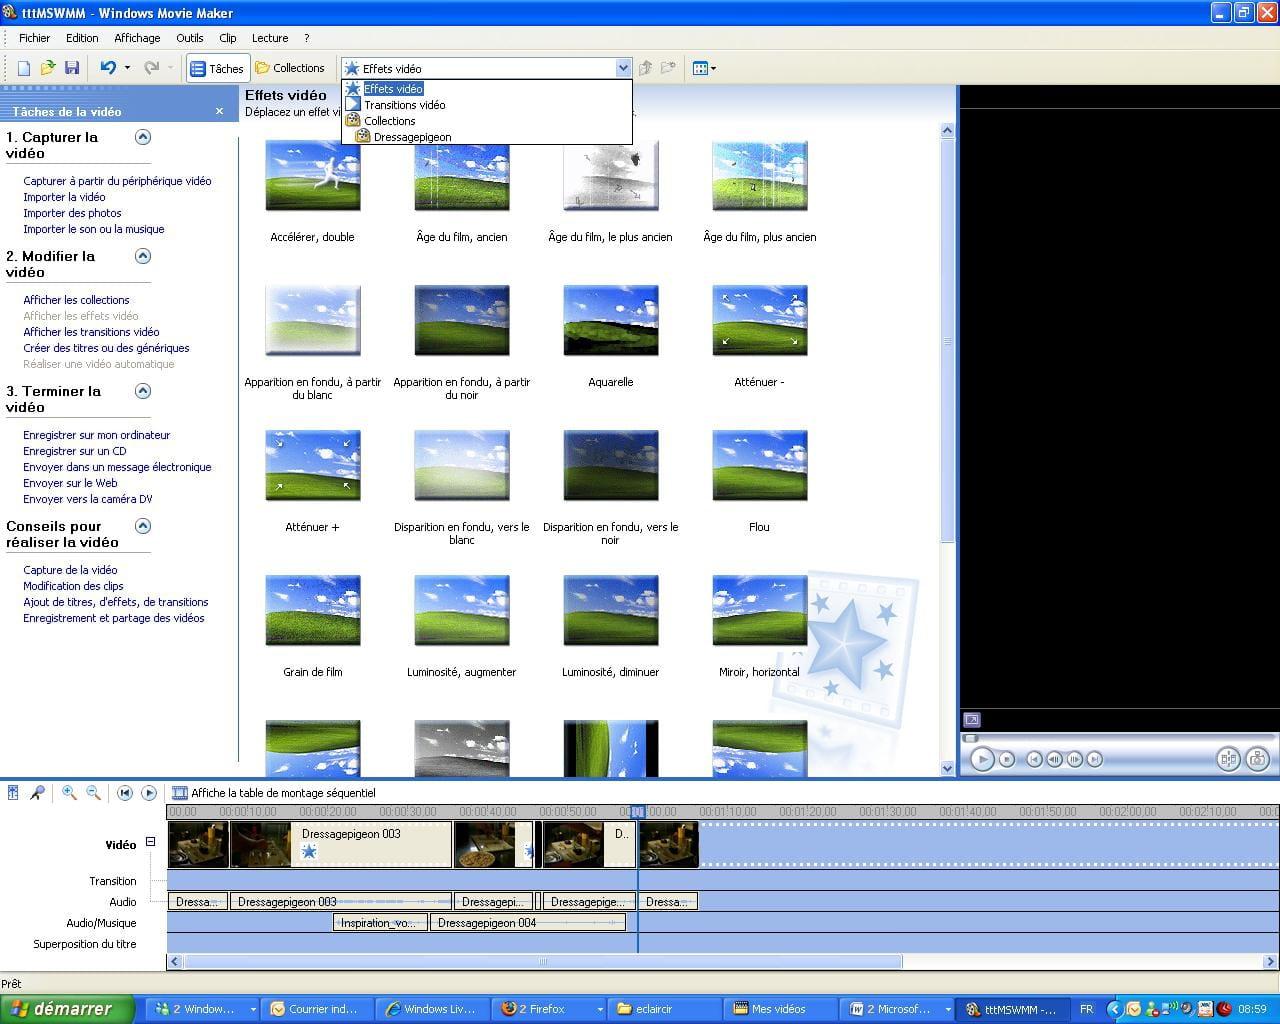 En effet sur un poste sous Windows 7 Pro 32 Bit SP1 j'ai rencontré le problème suivant : dans un premier temps quelques gadget de la sidebar ont disparu et dans un second temps impossible d'accéder au divers outils de la sidebar i-compris la sidebar elle même.